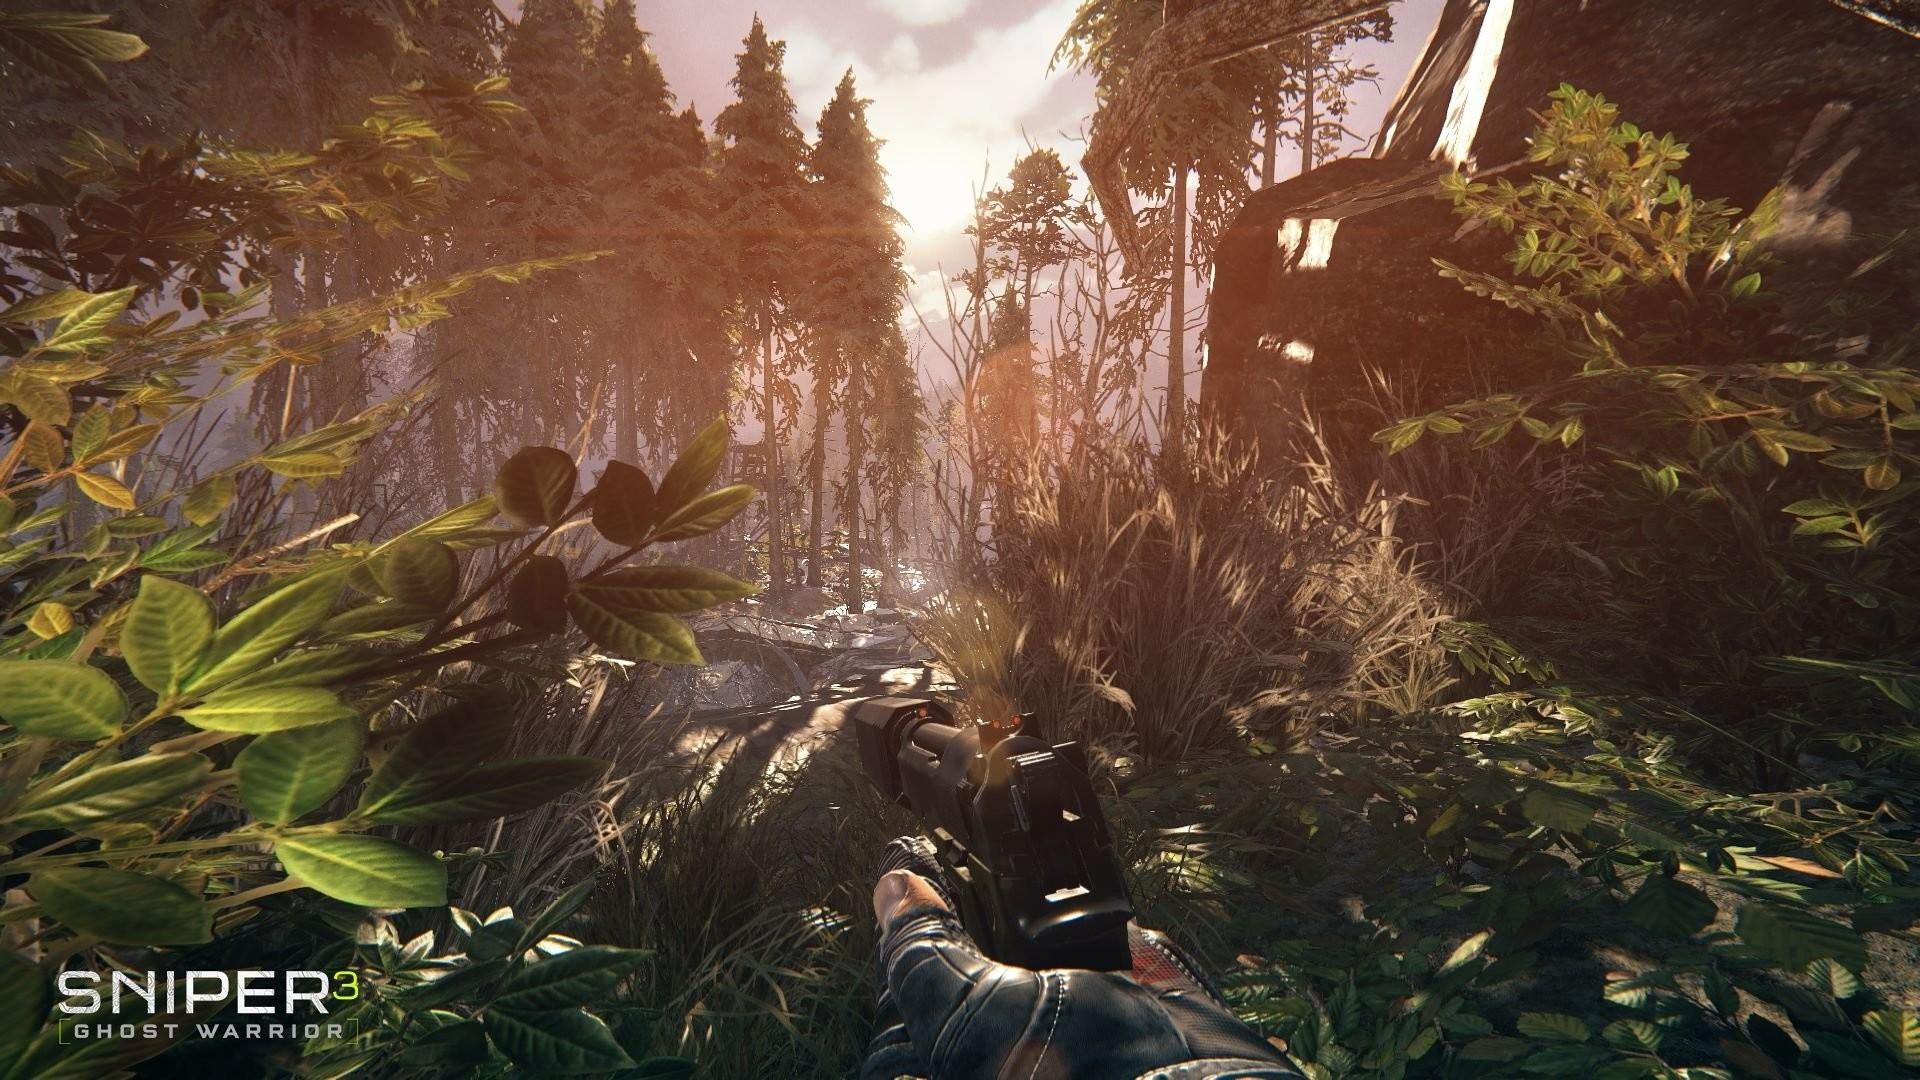 狙击手幽灵战士3游戏截图 开启超酷炫战斗